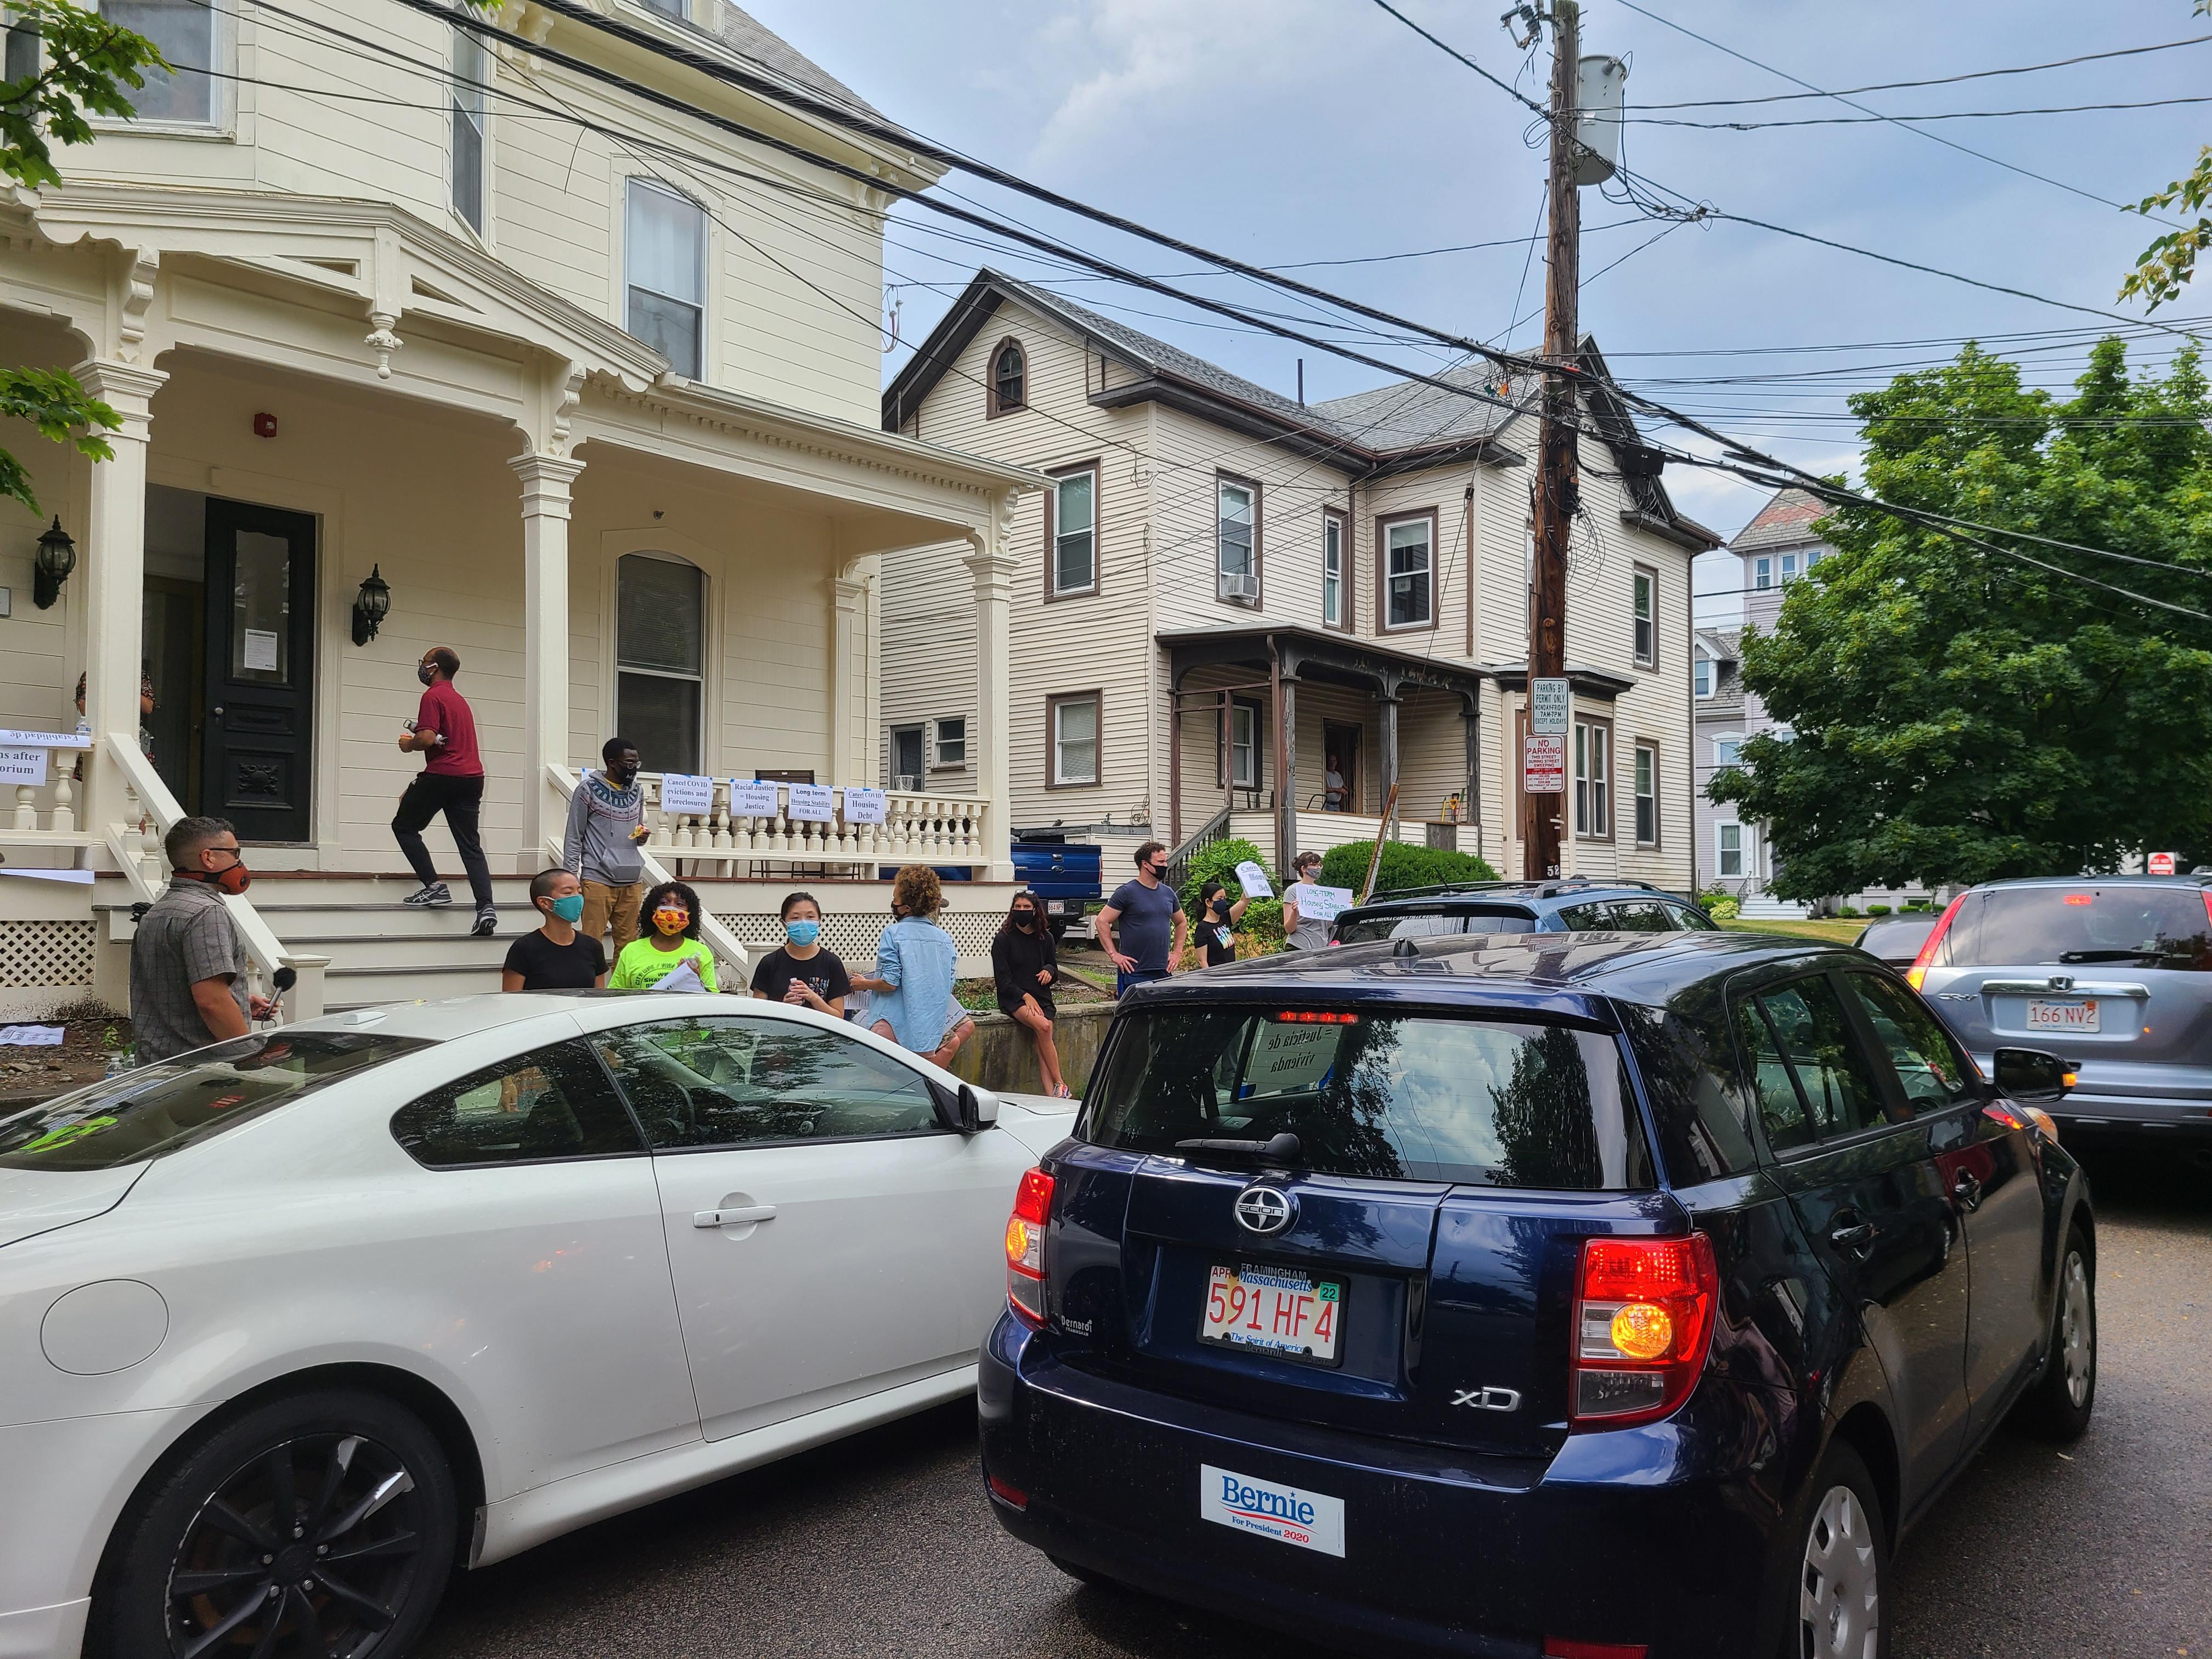 City Life/Vida Urbana organizó protesta el 27 y 28 de junio. Se trató de una caravana de más de 30 autos se movió por varios vecindarios de Boston, Somerville, Lynn y Malden para pedir por la cancelación de la deuda atrasada durante la pandemia.